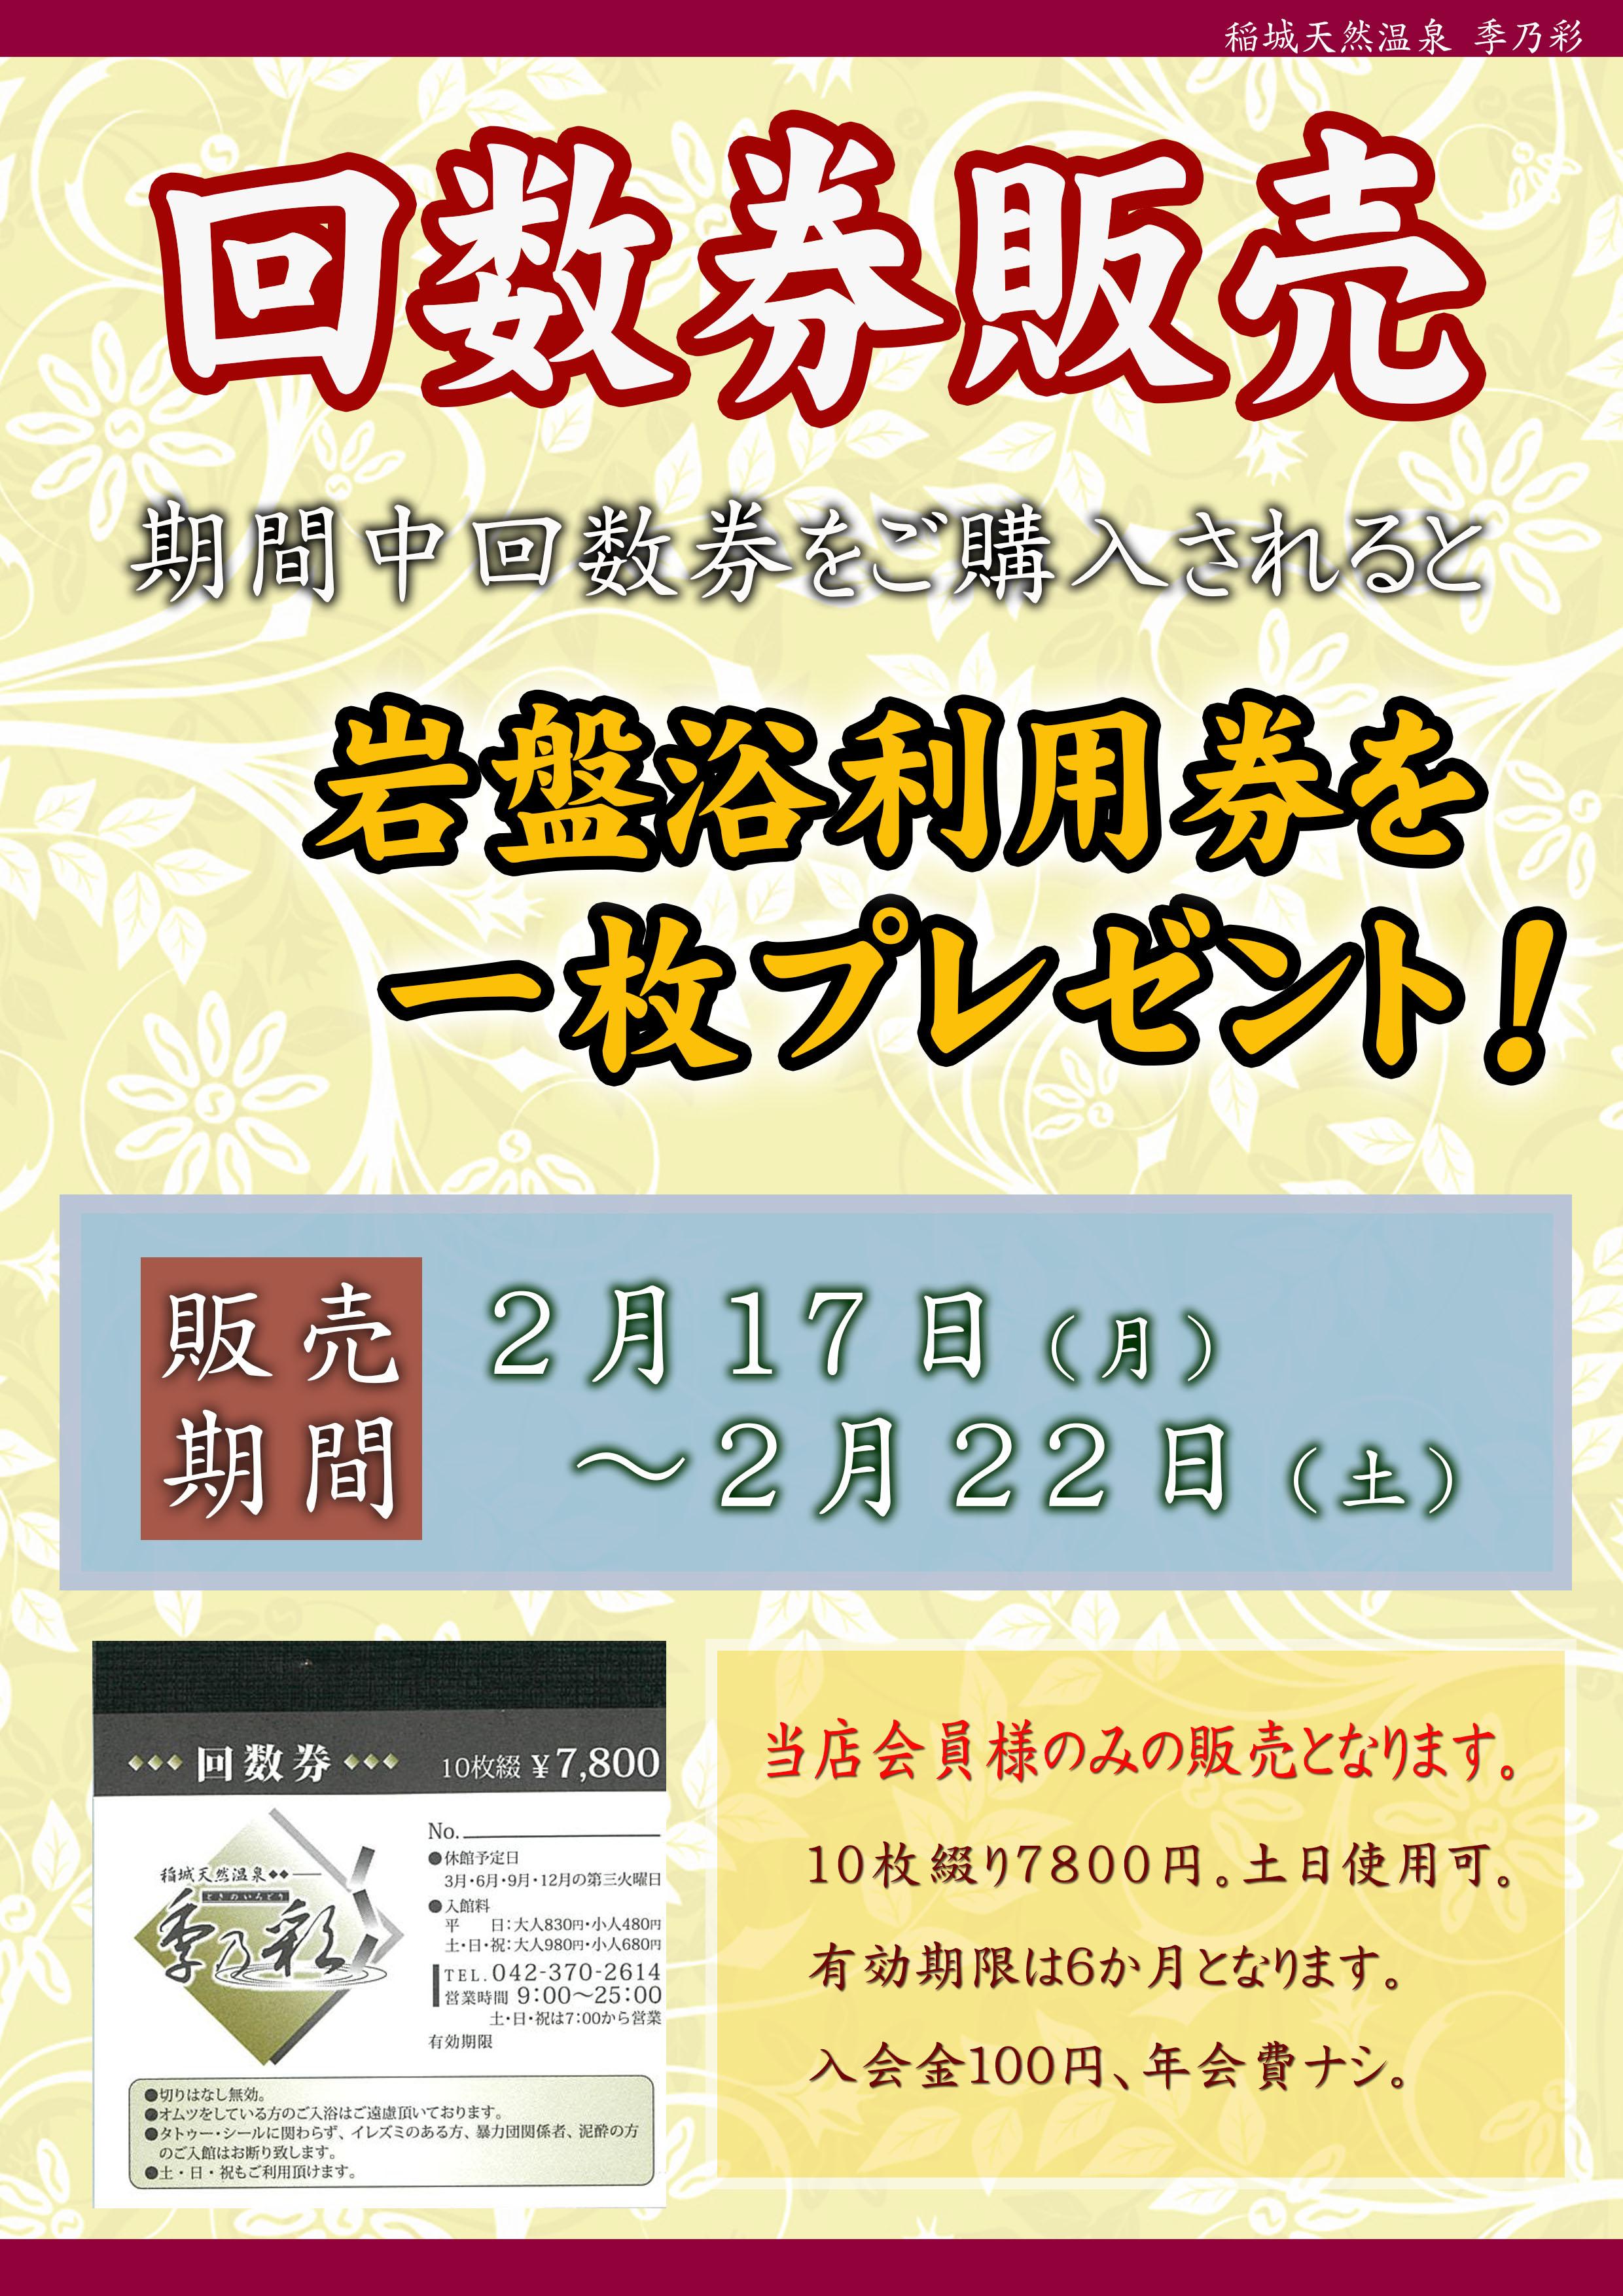 2002 POP イベント 回数券特売 岩盤浴券付与【入会100円】11月